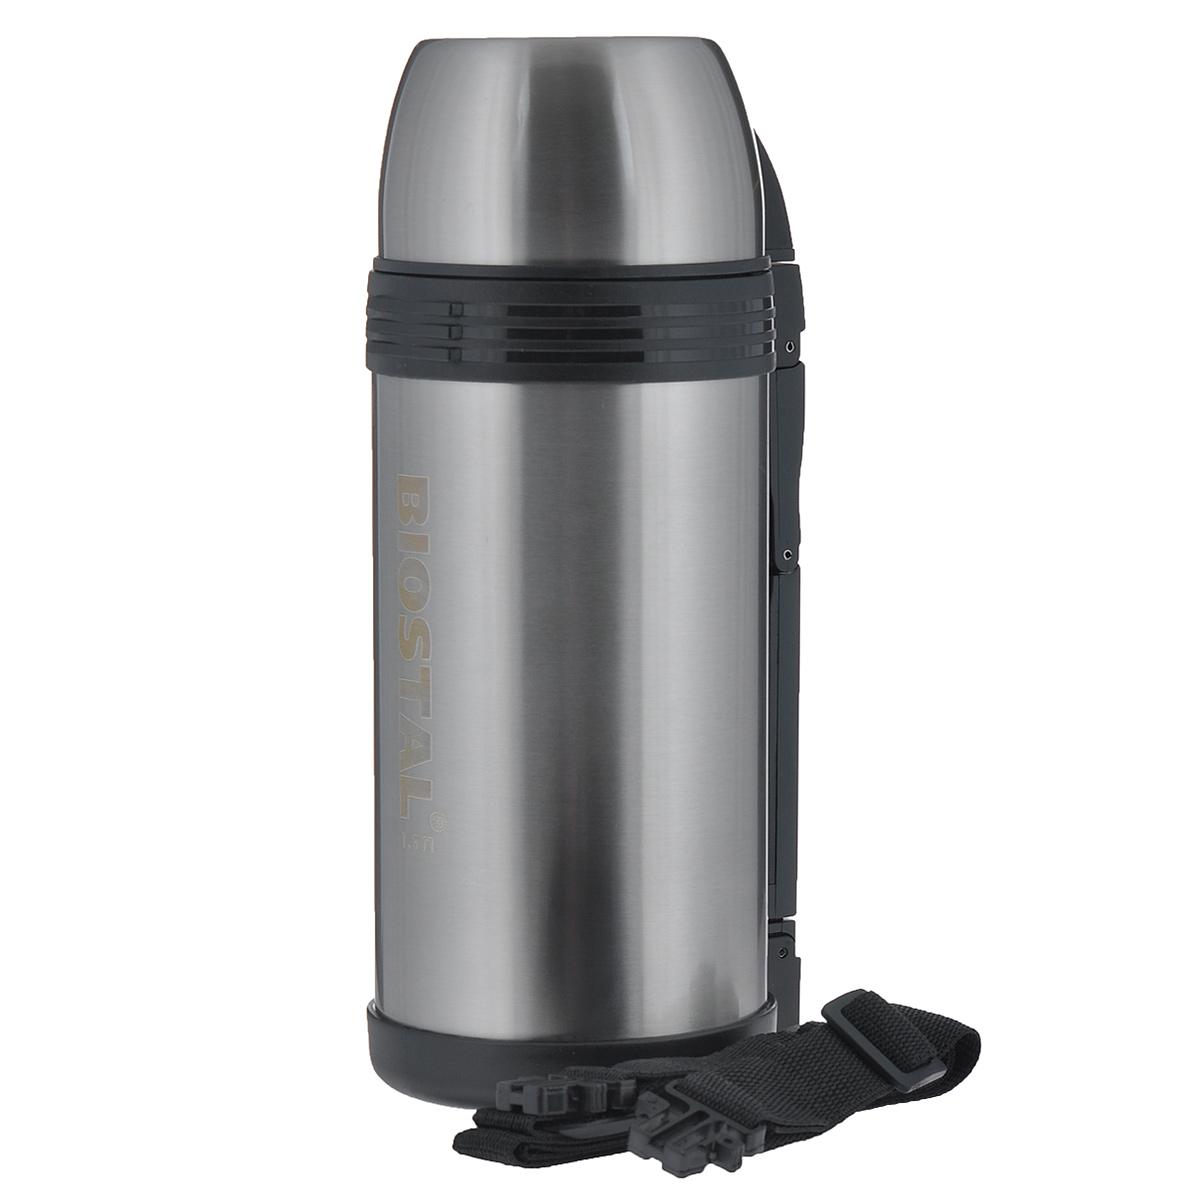 Термос BIOSTAL Спорт, 1,5 л. NGP-1500-PKOC-H19-LEDУниверсальный пищевой термос BIOSTAL Спорт, изготовленный из высококачественной нержавеющей стали, относится к серии Спорт премиум-класса. Термосы этой серии вобрали в себя самые передовые энергосберегающие технологии и отличаются применением более совершенных термоизоляционных материалов, а также новейшей технологией по откачке вакуума. Корпус покрыт защитным прозрачным лаком. Универсальный термос выполняет функции термоса для еды (первого или второго) и термоса для напитков (кофе, чая). Это достигается благодаря специальной универсальной пробке, которая изготовлена из прочного пластика, легко разбирается для мытья и, обладая дополнительной теплоизоляцией, позволяет термосу дольше хранить тепло. Конструкция пробки позволяет использовать термос, как для напитков, так и для первых и вторых блюд. Изделие оснащено удобной ручкой, ремешком для переноски, крышкой-чашкой и дополнительной пластиковой чашкой. Легкий и прочный термос BIOSTAL Спорт сохранит ваши напитки и продукты горячими или холодными надолго.